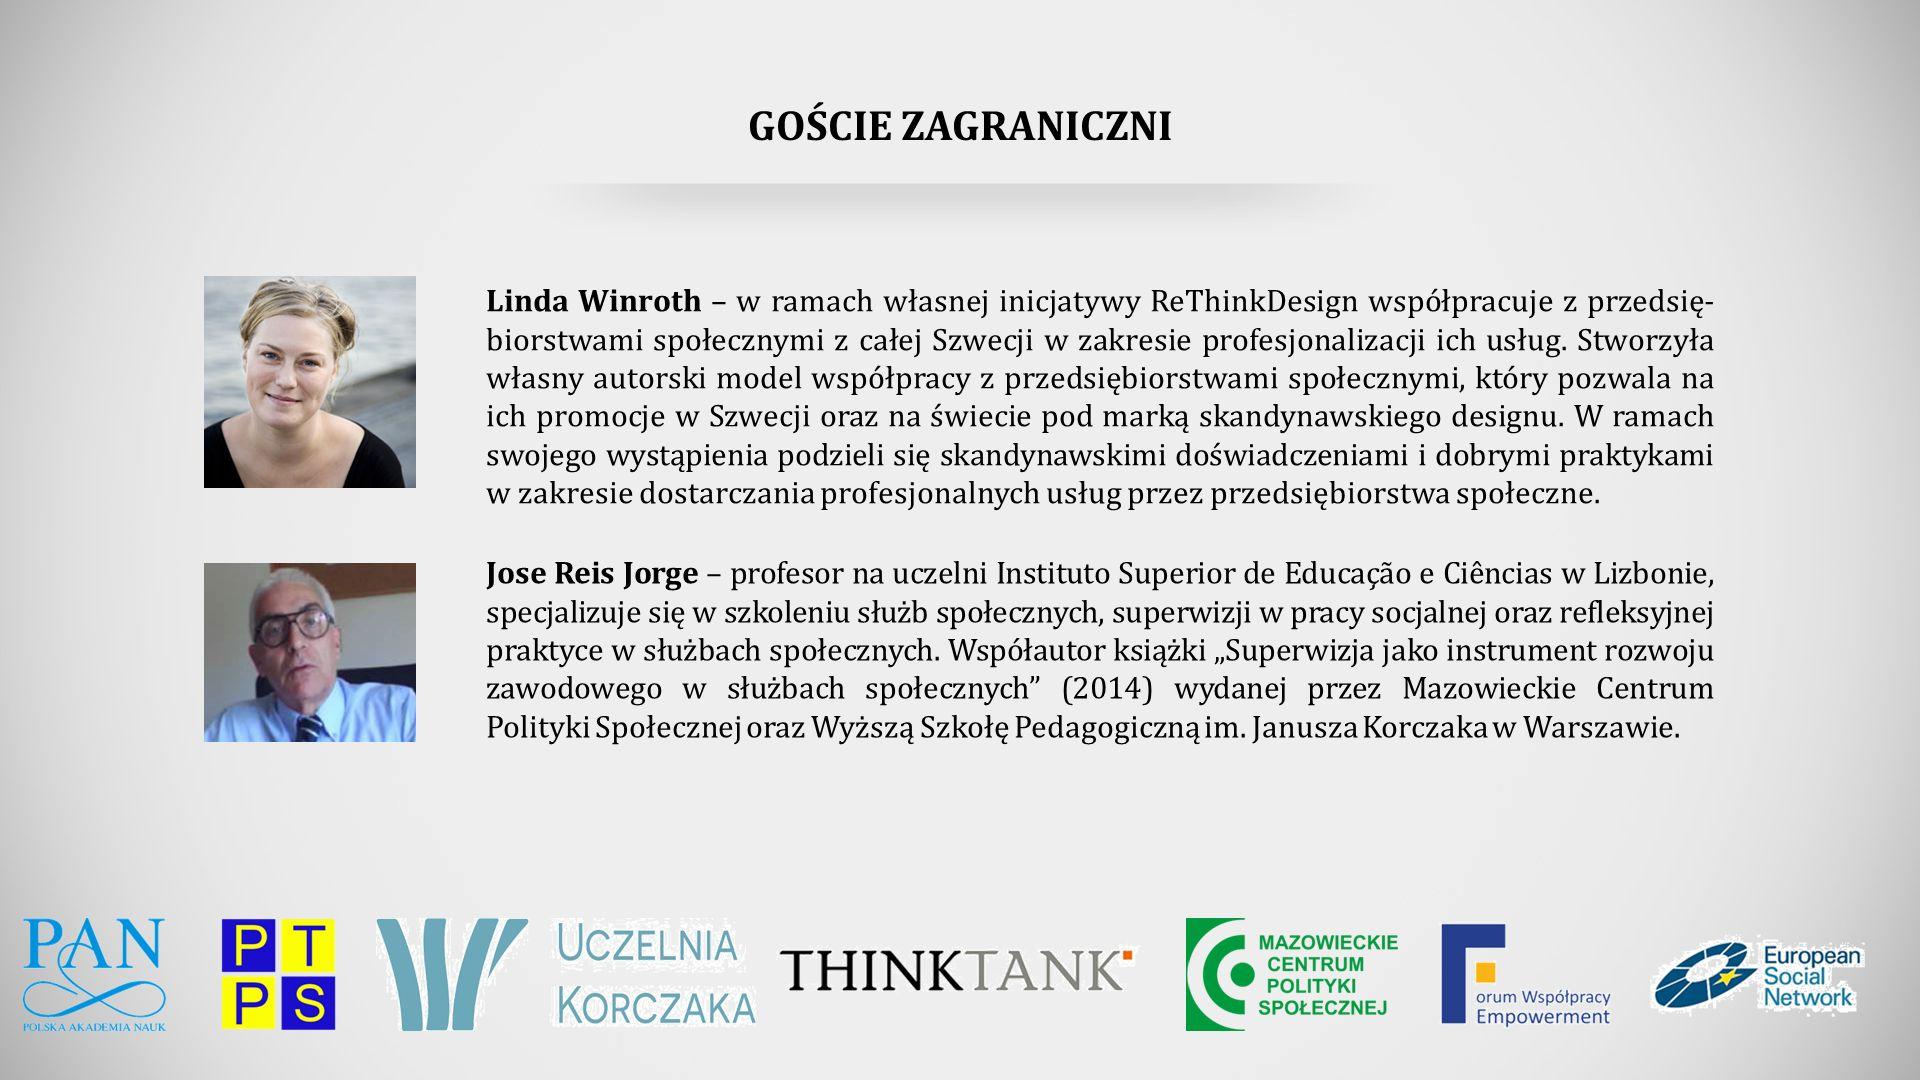 GOŚCIE ZAGRANICZNI Linda Winroth – w ramach własnej inicjatywy ReThinkDesign współpracuje z przedsię- biorstwami społecznymi z całej Szwecji w zakresie profesjonalizacji ich usług.